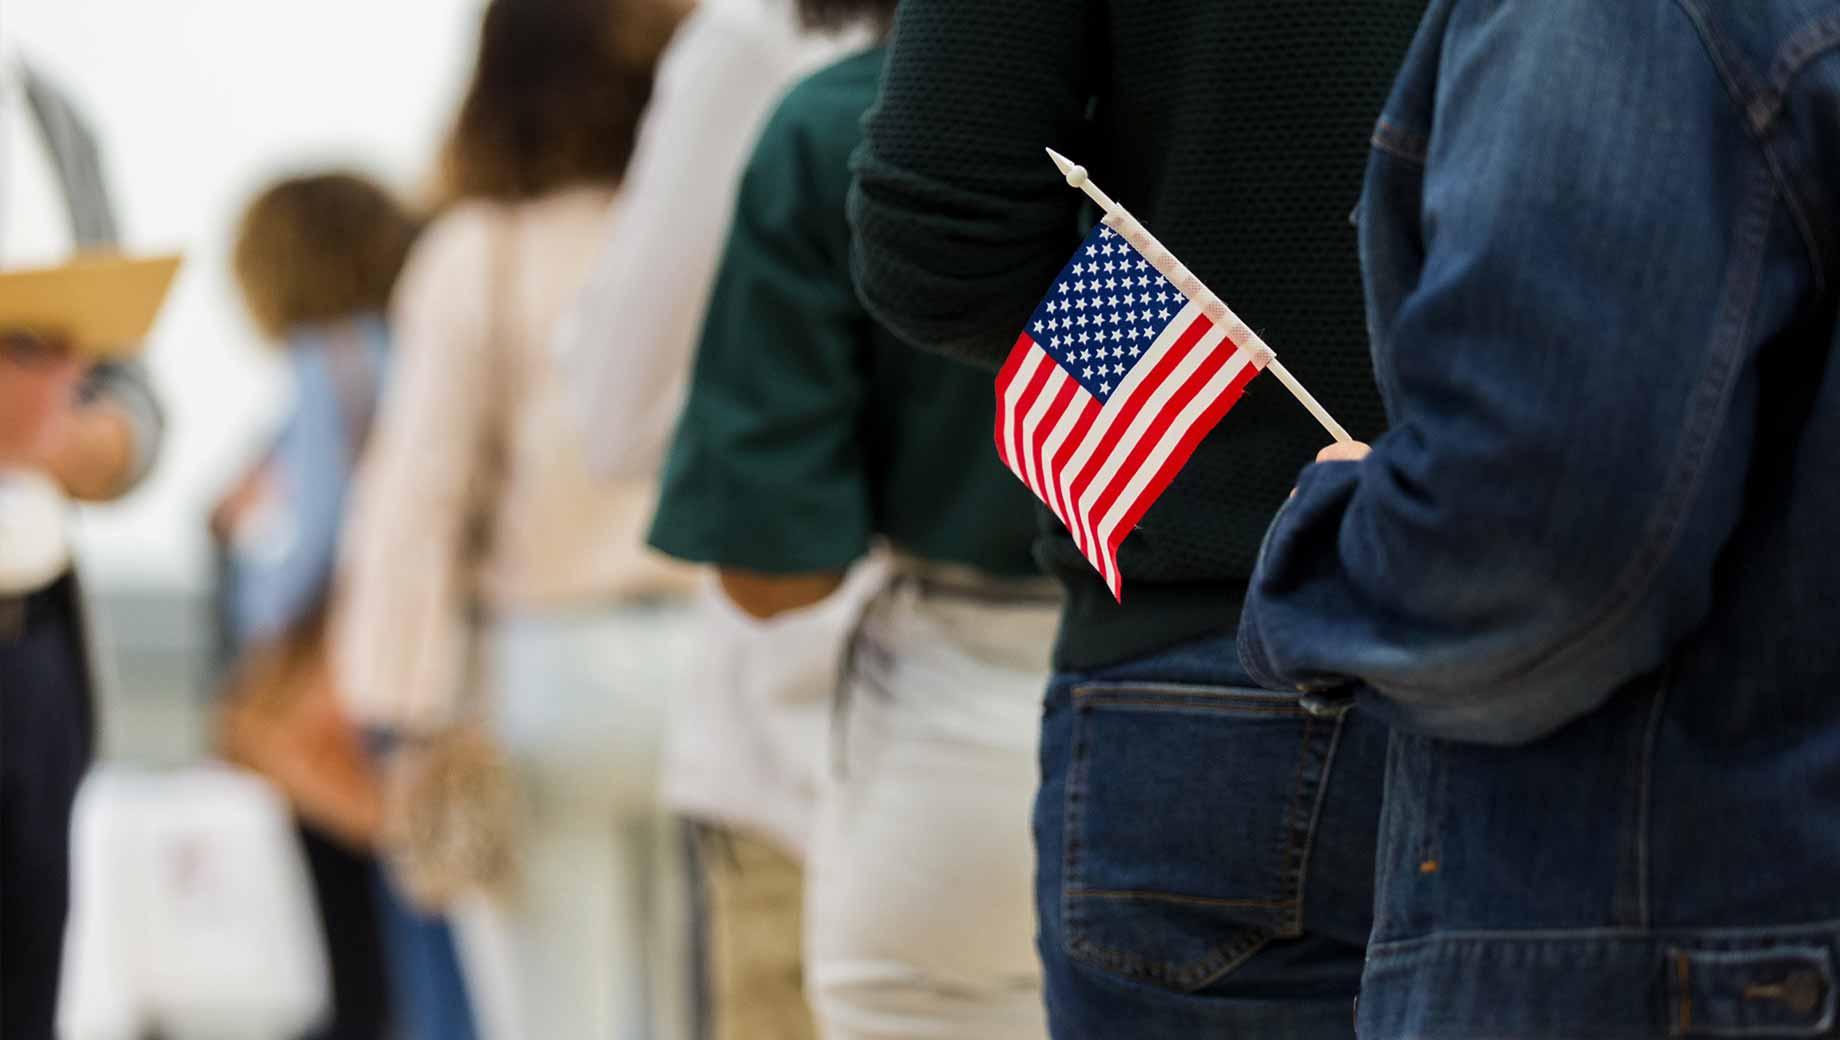 Mundësia e një partie të tretë politike në Shtetet e Bashkuara